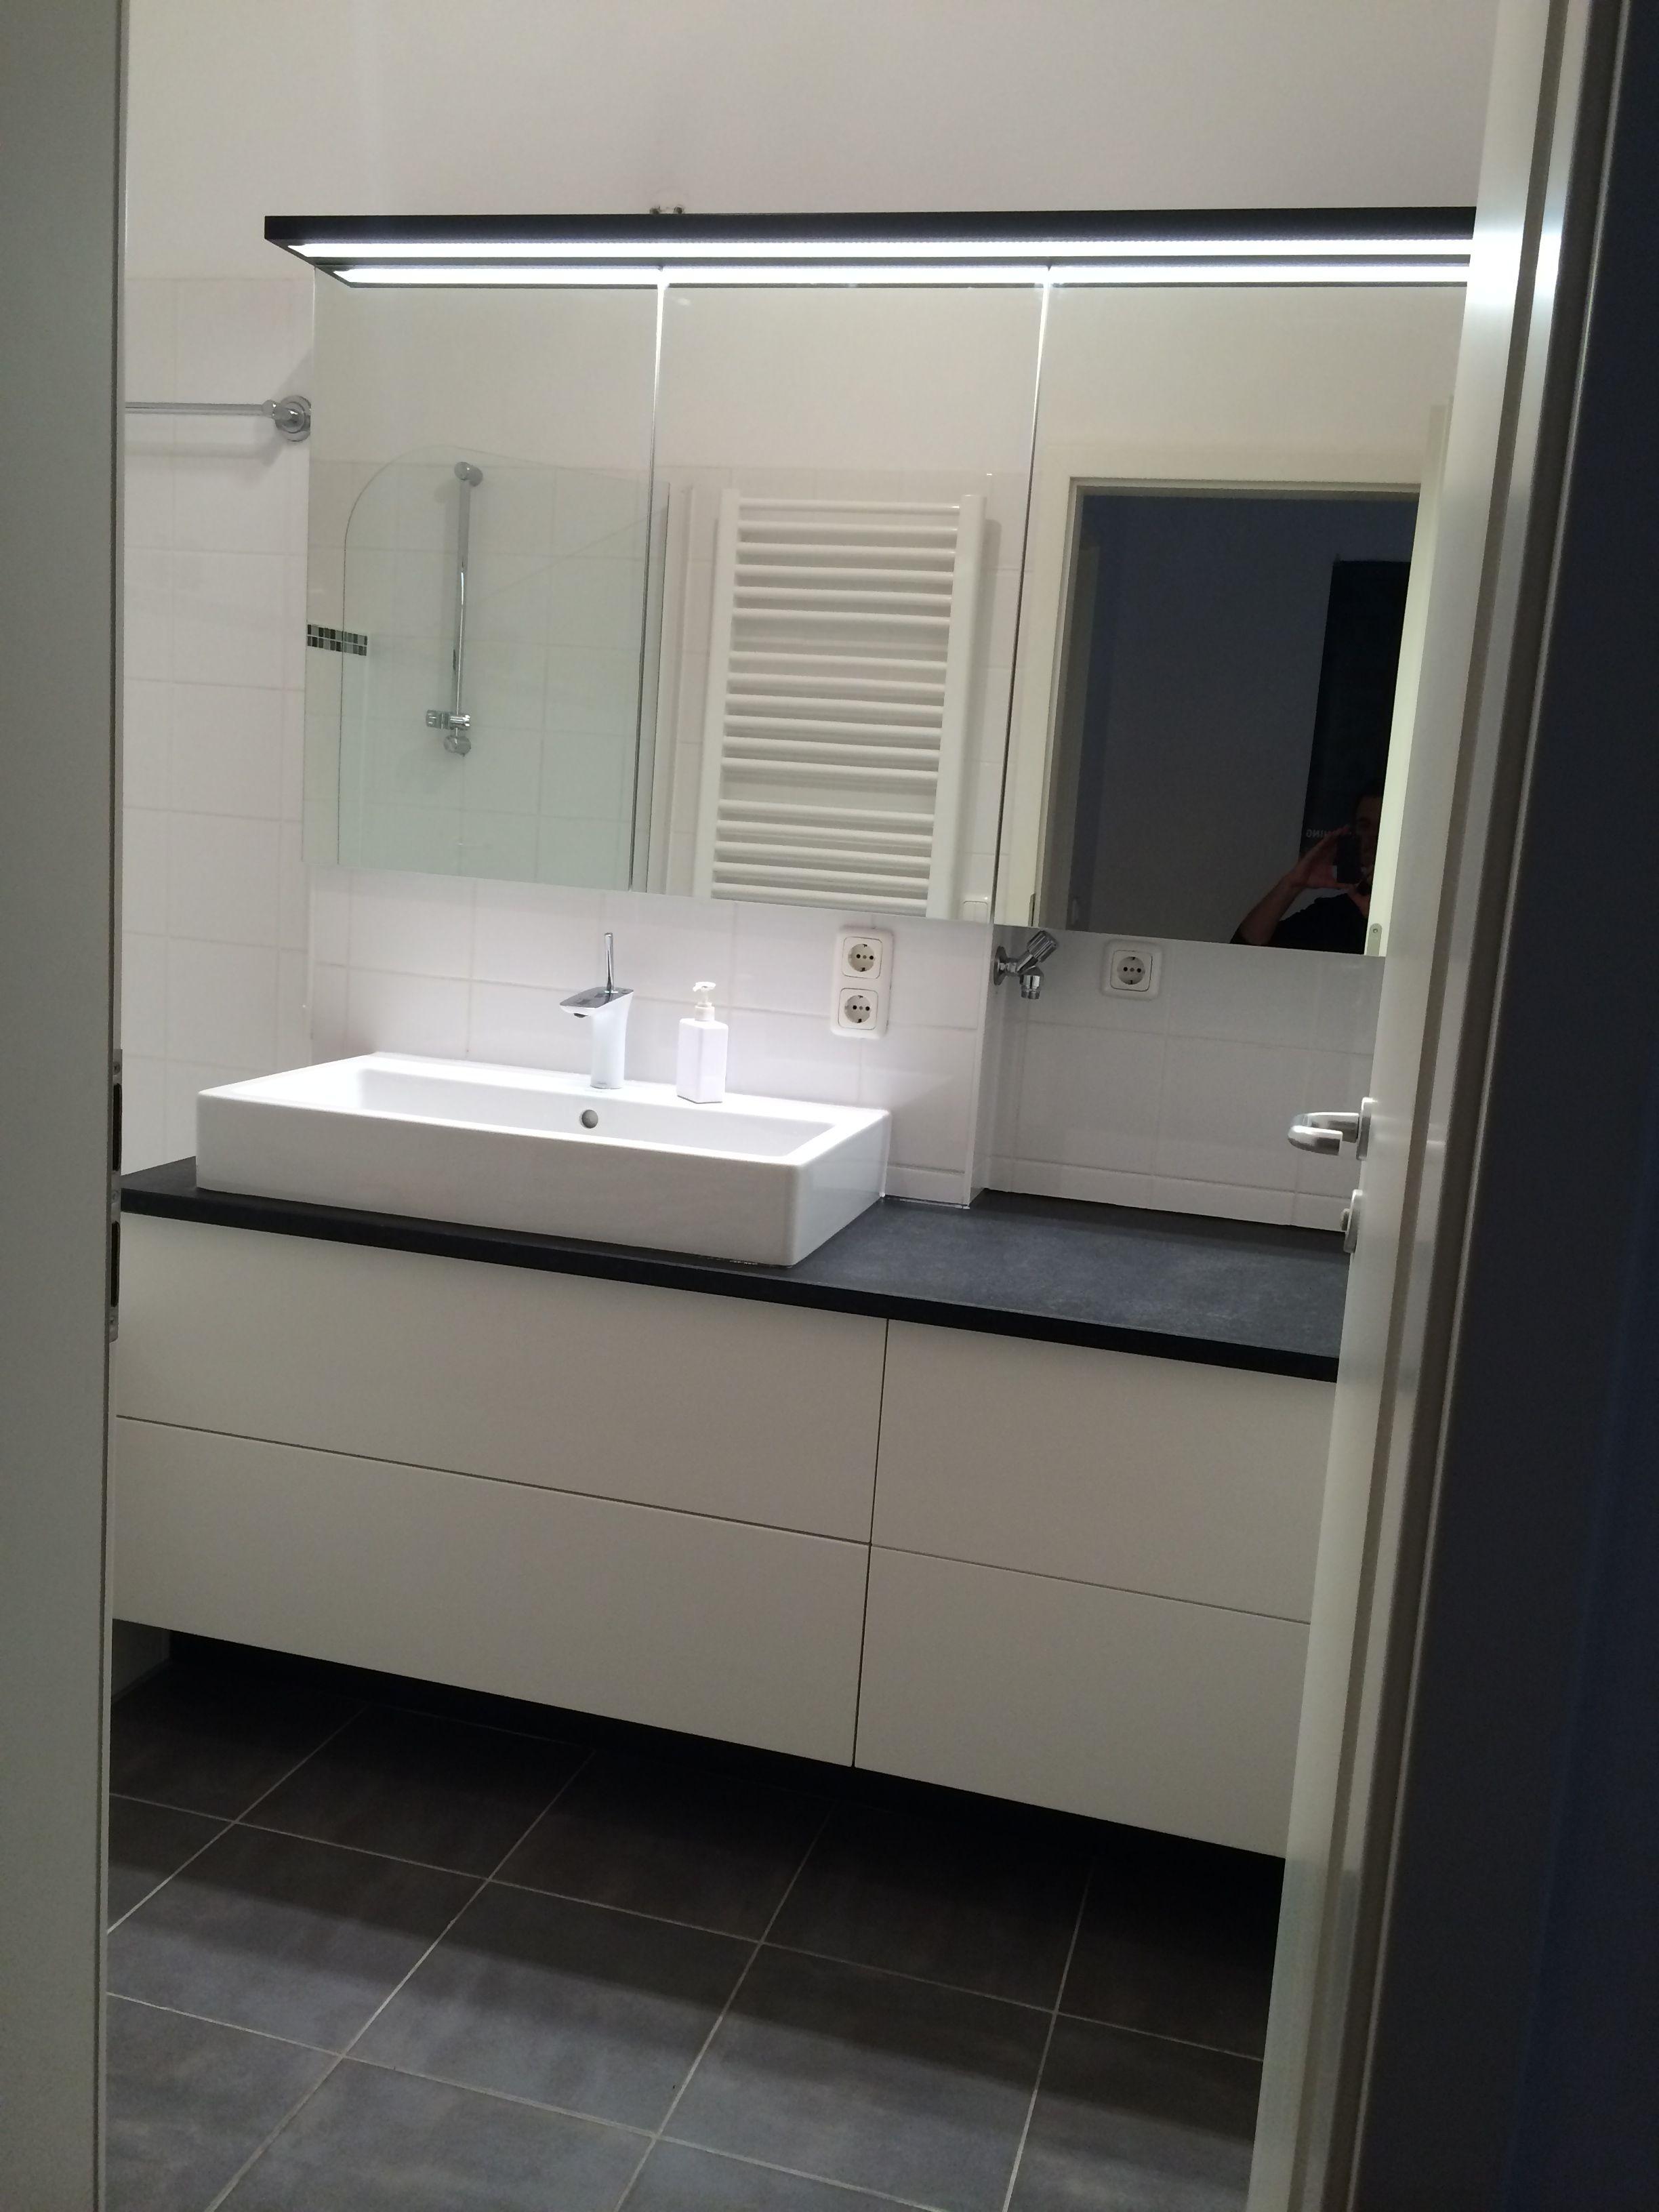 Waschtisch In Weiss Mit Schwarzer Steinplatte Badezimmer Innenausstattung Badgestaltung Waschtisch